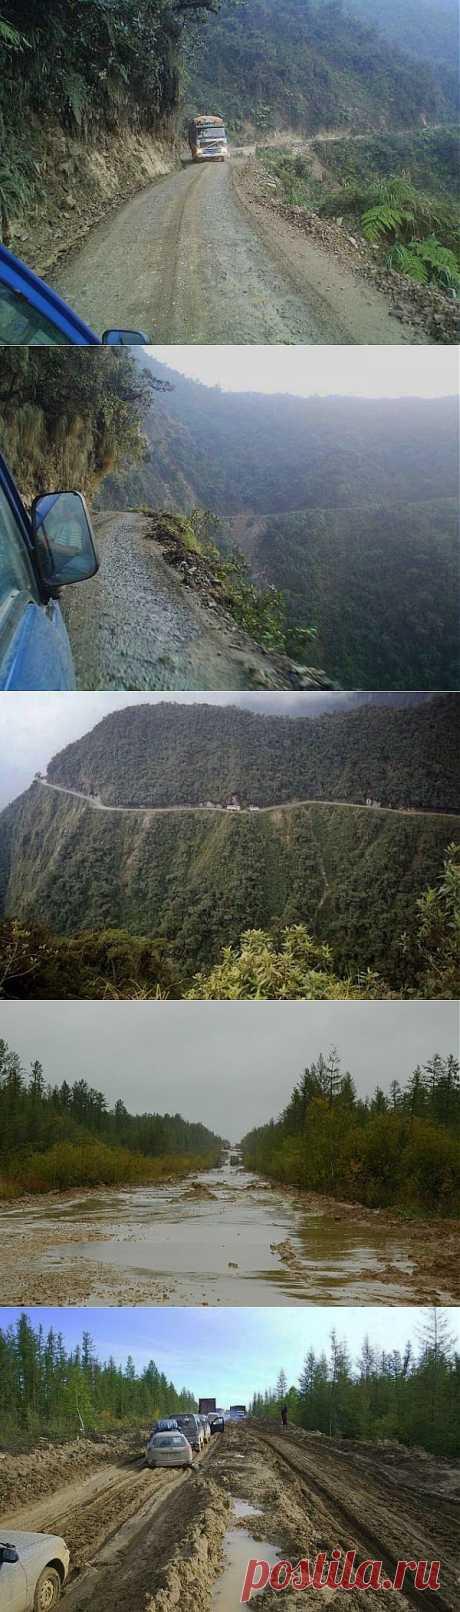 Самые опасные дороги в мире / Всё самое лучшее из интернета